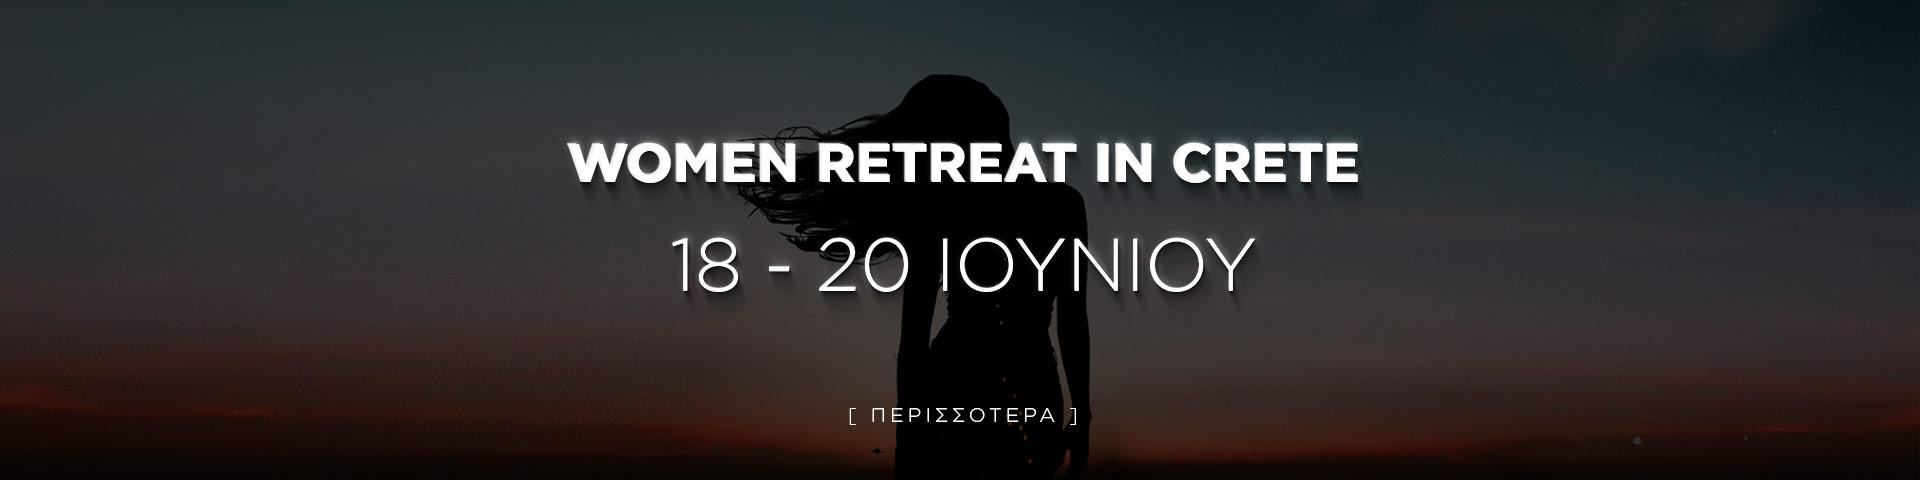 retreat-in-crete-ebanner-hover